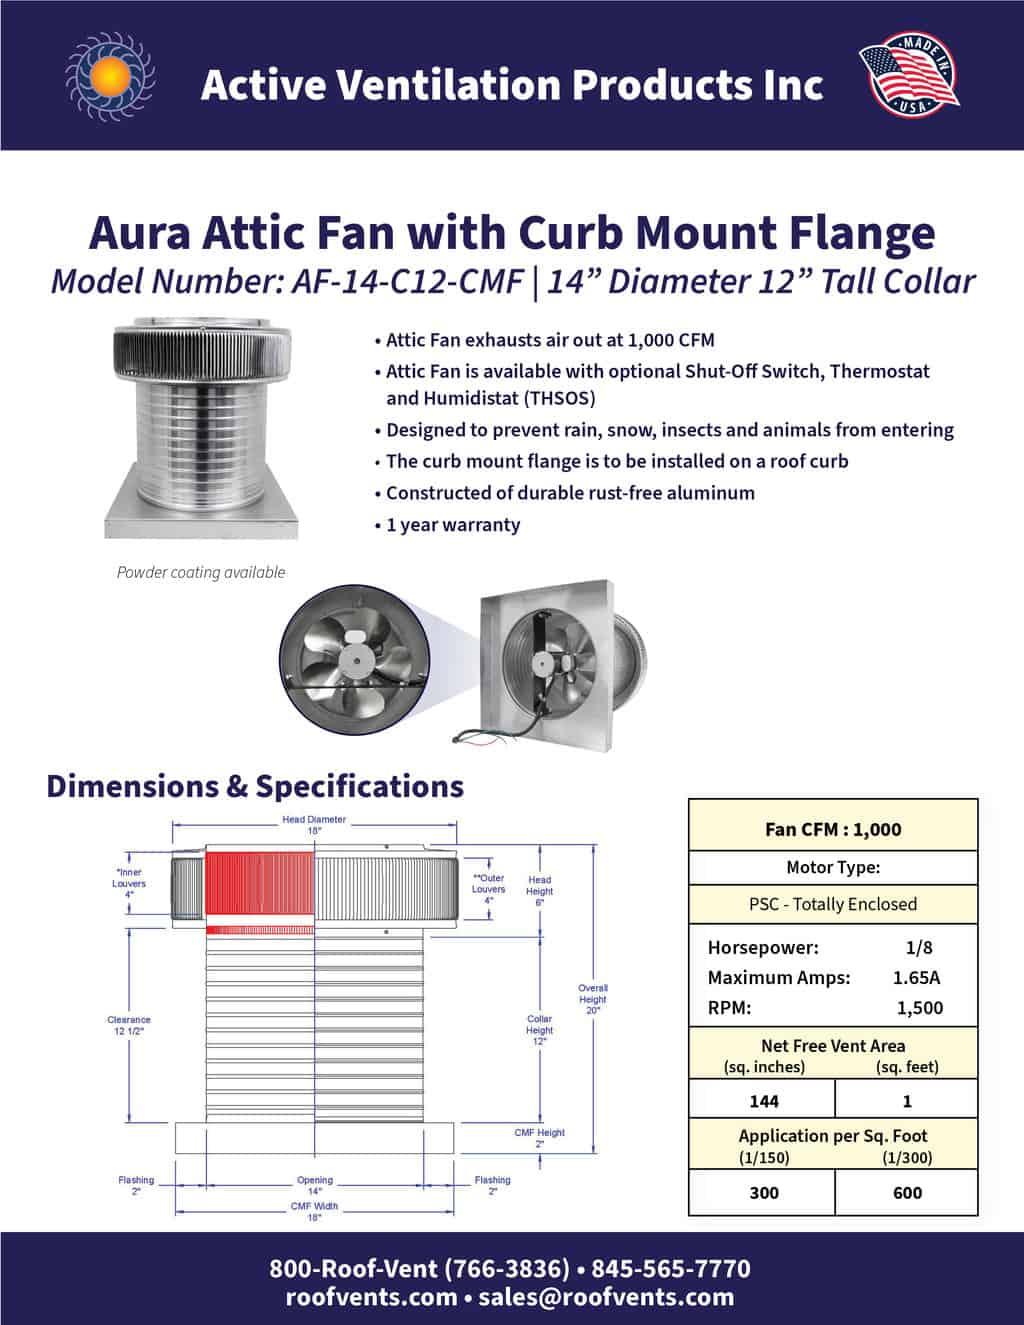 AF-14-C12-CMF-brochure An Exhaust Attic Fan